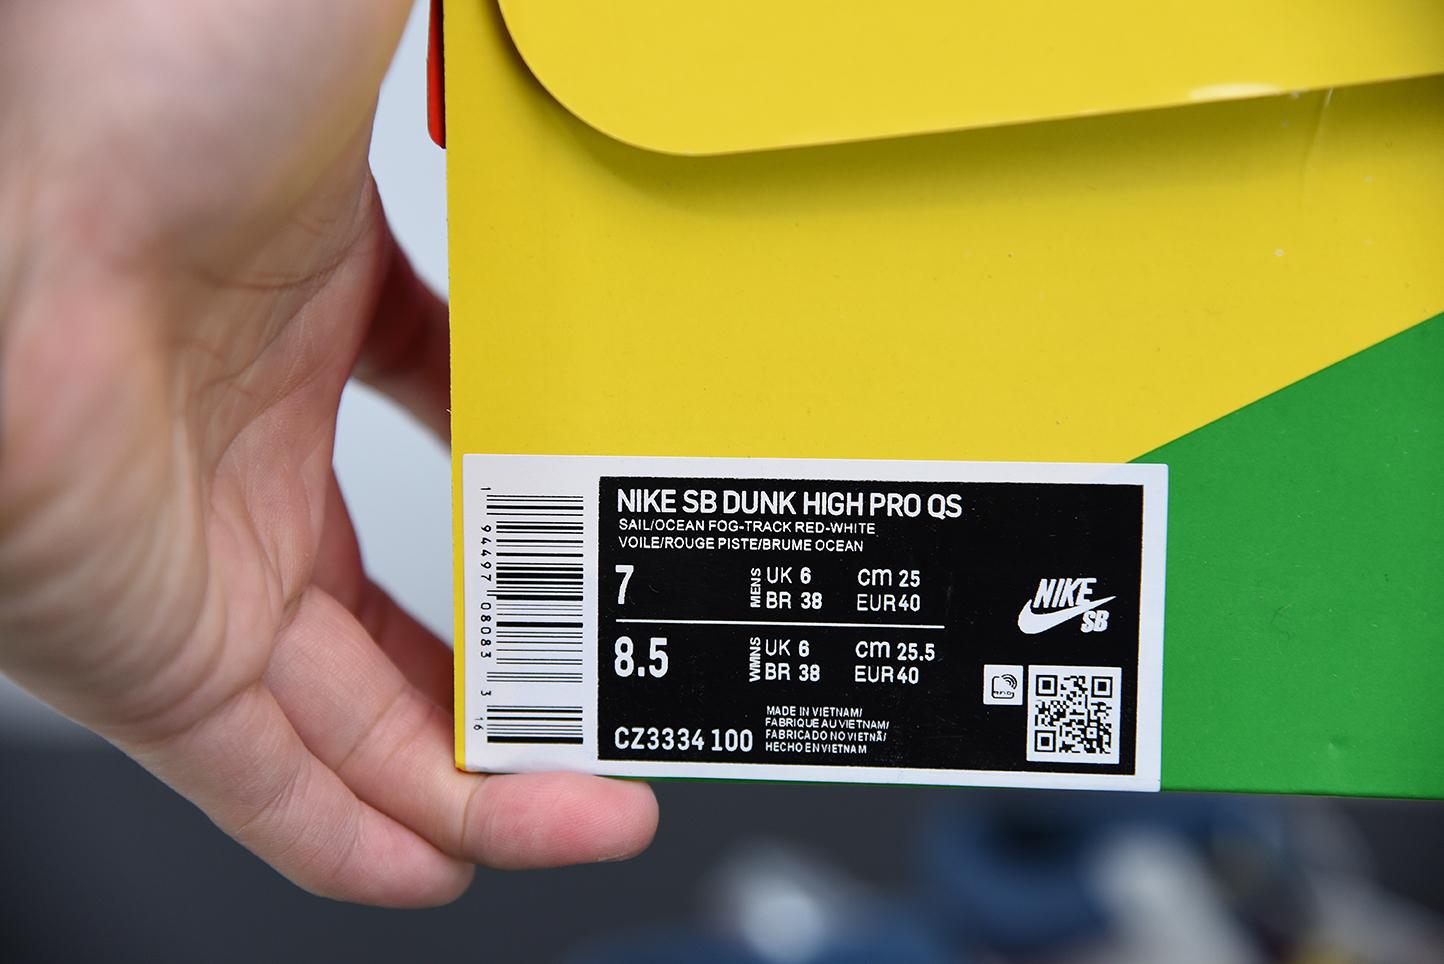 """Y00S6 CZ3334-100  Atlas x Nk Dunk SB High """"Lost at Sea""""阿特拉斯联名 扣篮系列复古高帮休闲运动滑板板鞋  尺码36-47.5"""